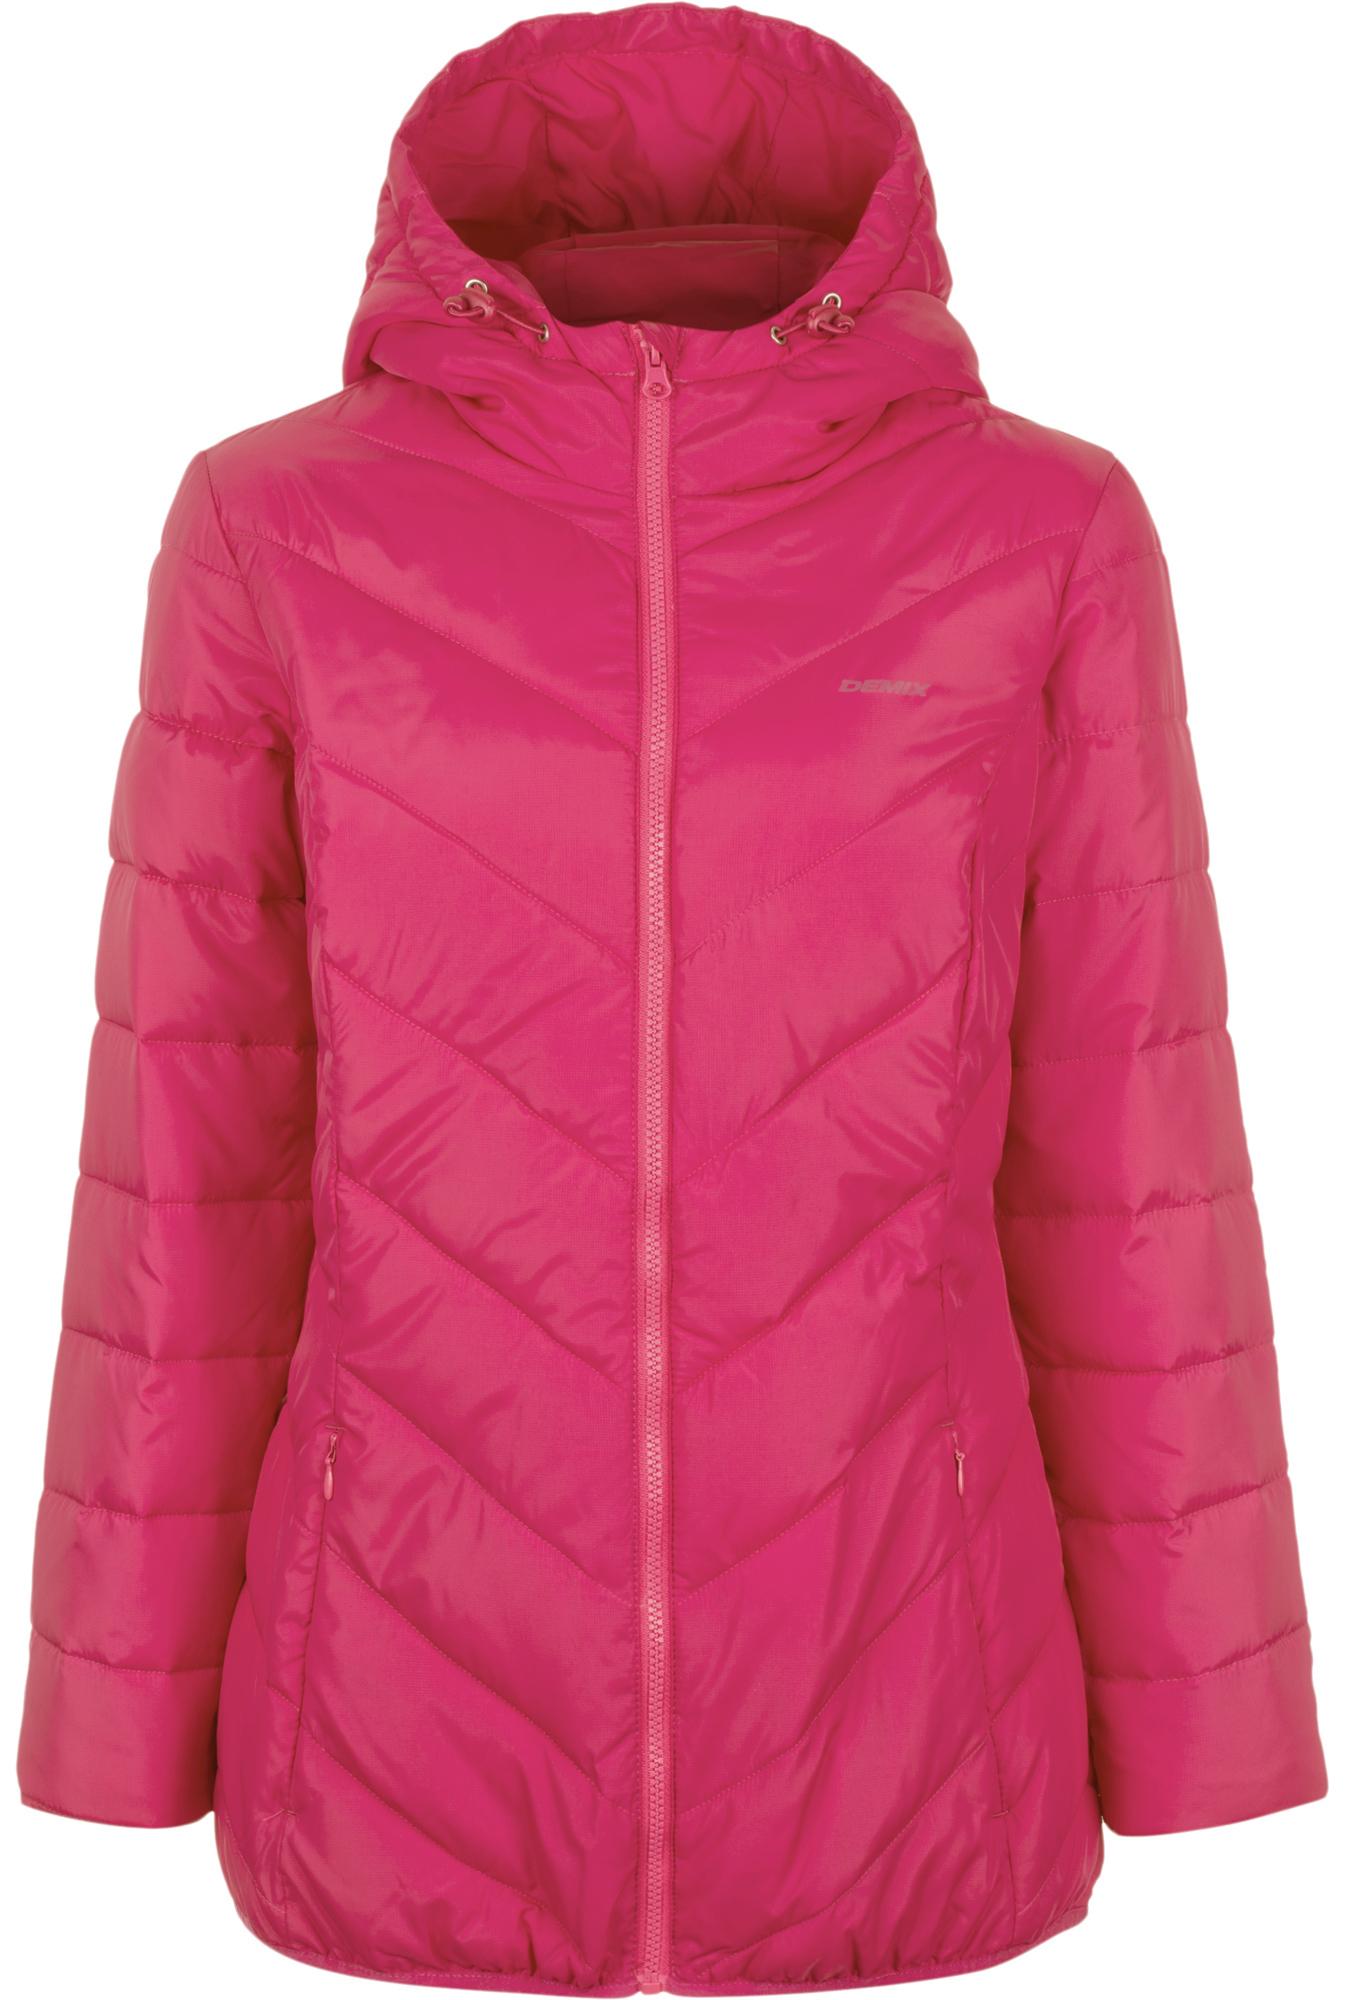 Demix Куртка утепленная женская Demix